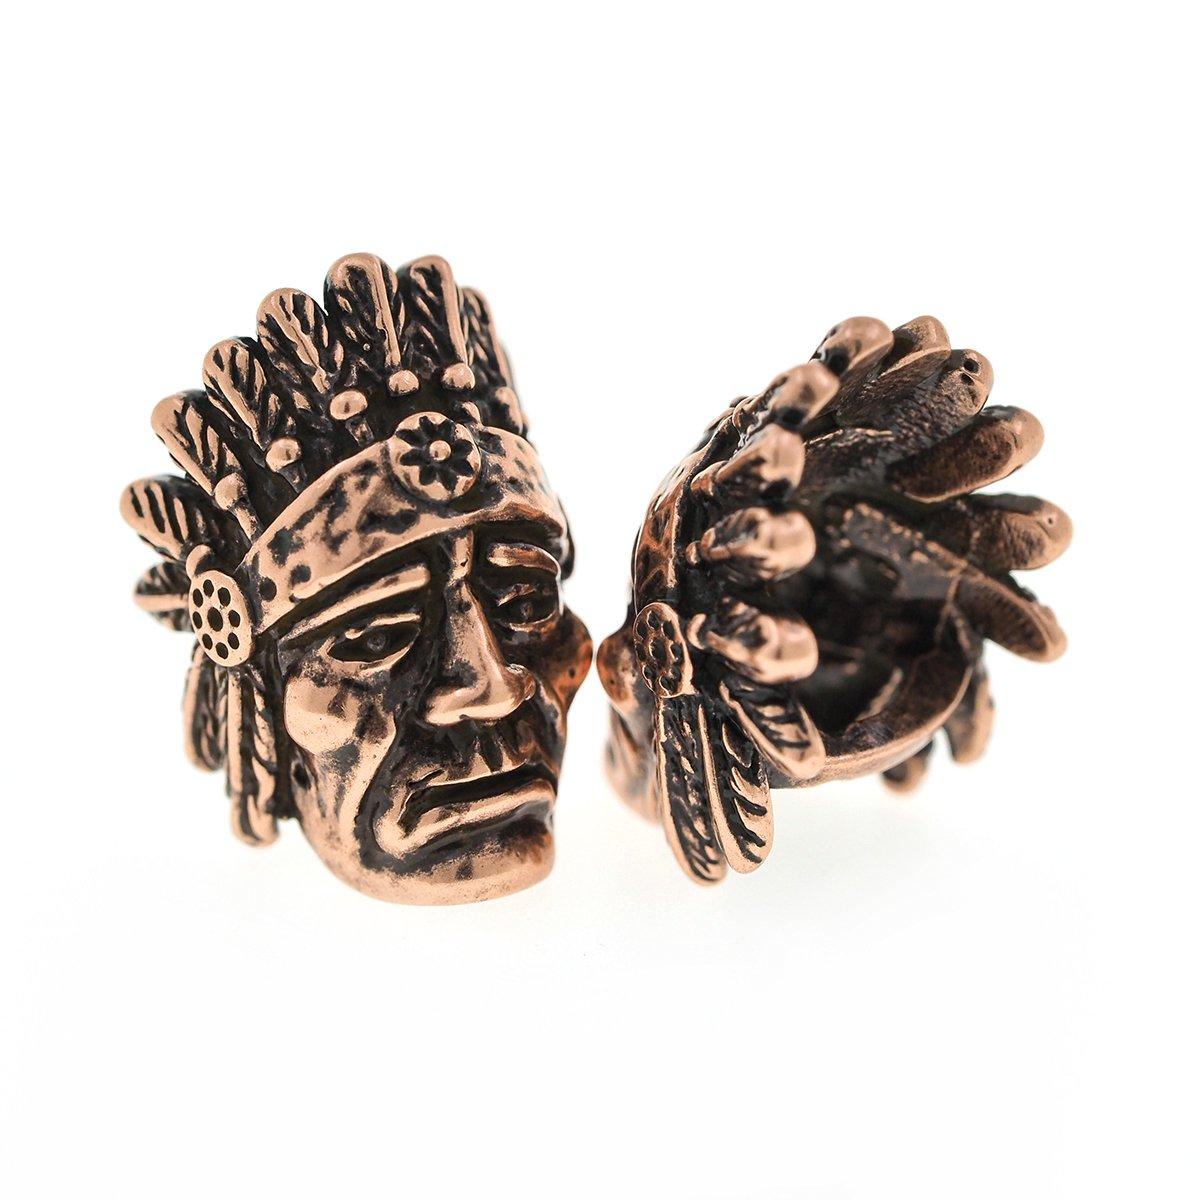 パラコードビーズIndian Chiefs真鍮チャームフィットEDCサバイバルブレスレットDIY Making 2pcs B0776XC7B3 アンティークコッパー アンティークコッパー